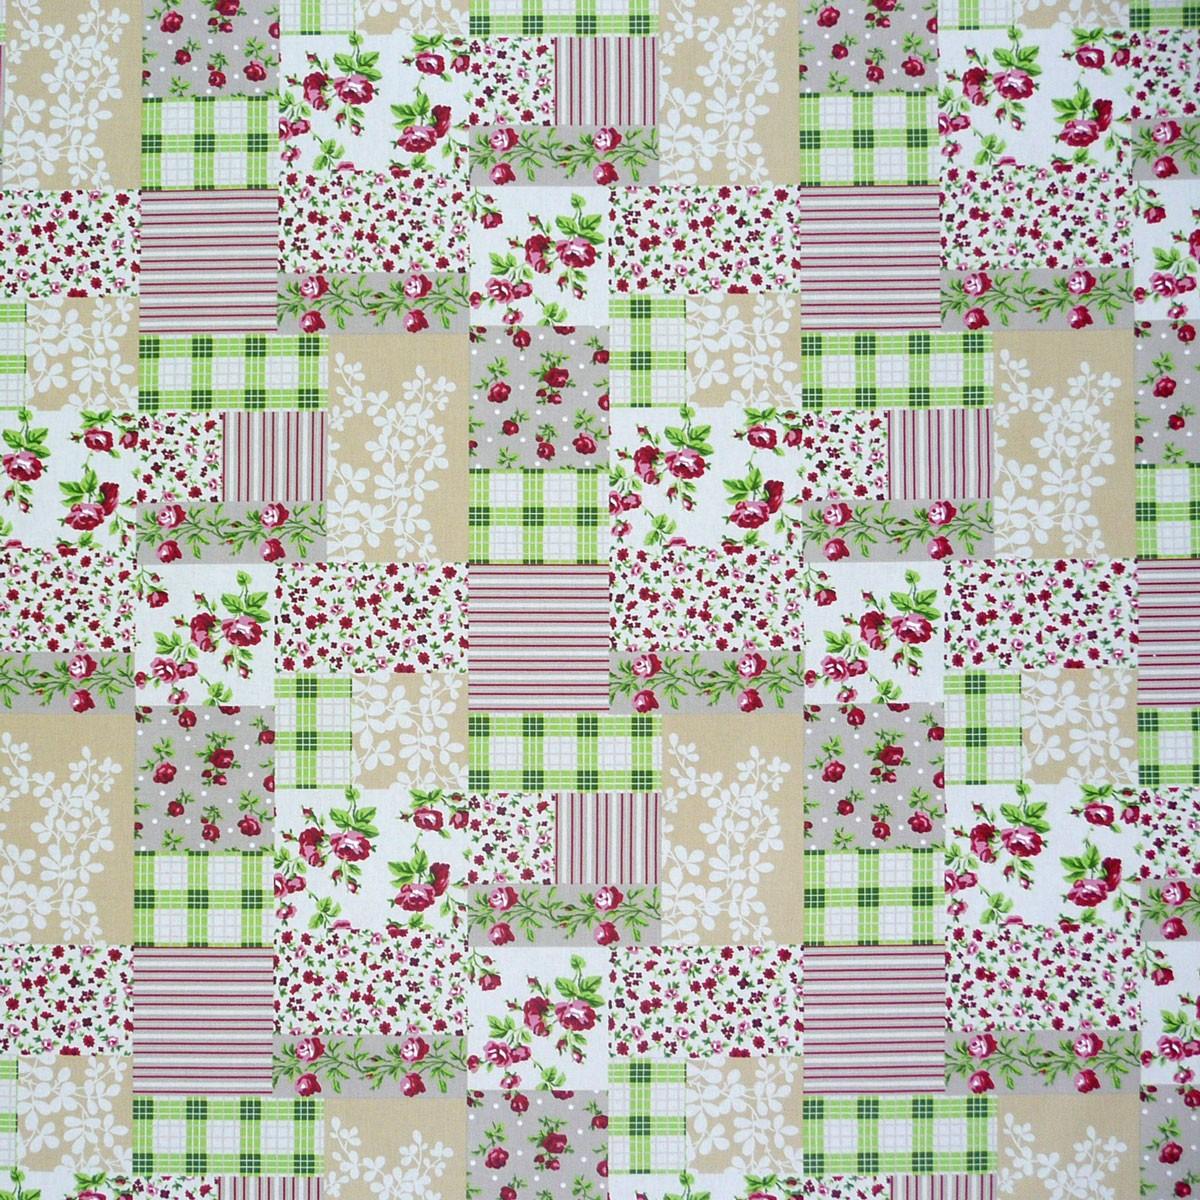 tischdeckenstoff rosen patchwork wachstuch beschichtete baumwolle stoffe wohnstoffe dekostoffe. Black Bedroom Furniture Sets. Home Design Ideas